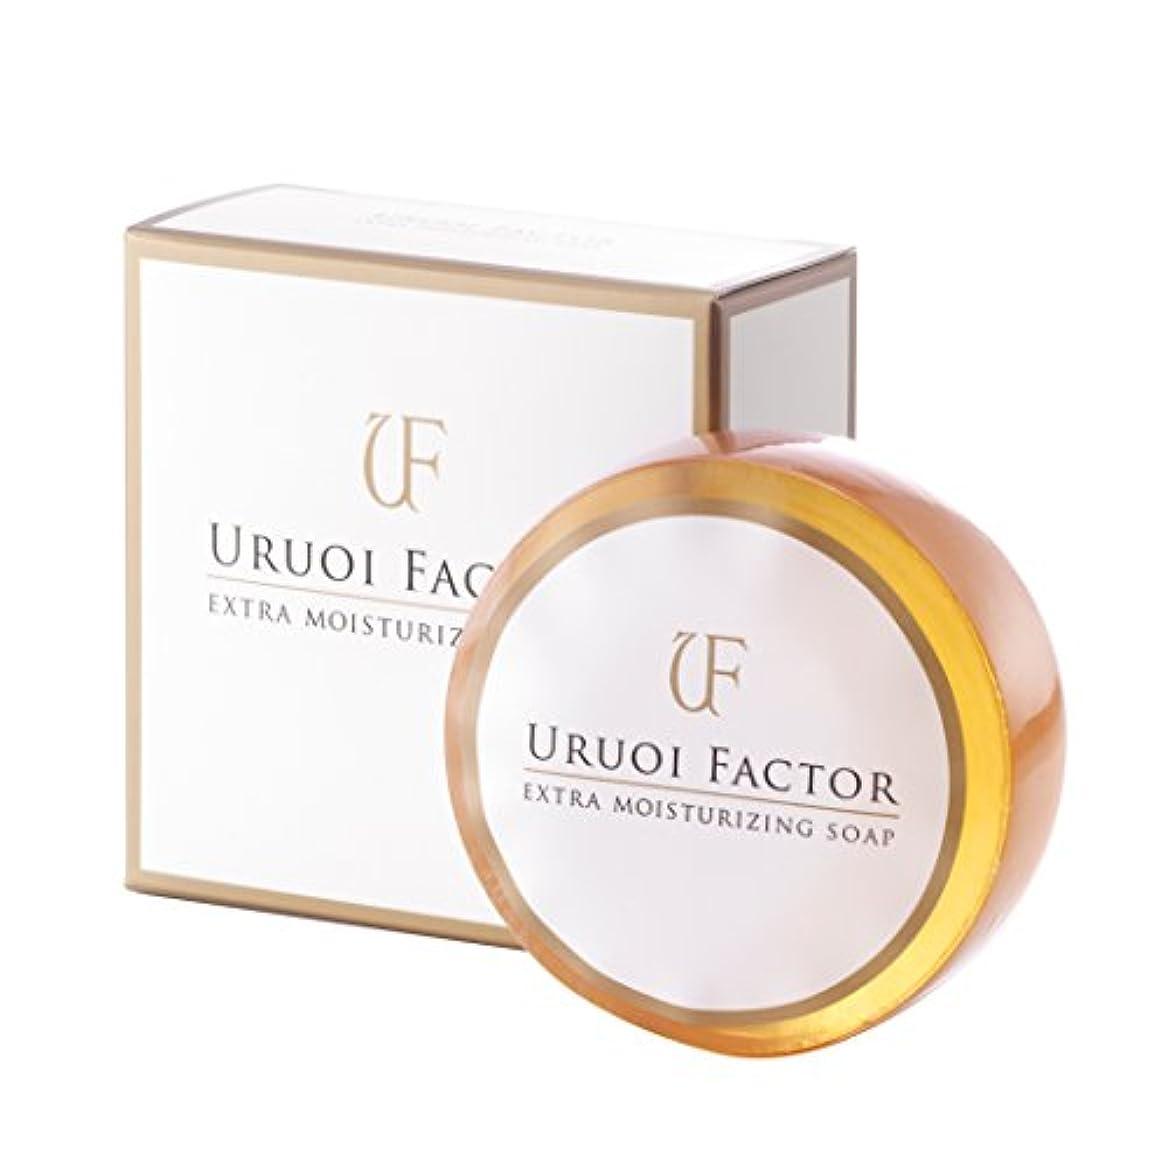 援助じゃない平らにするURUOI FACTOR(うるおいファクター) UFソープ フルボ酸 スクワラン配合 無添加洗顔石鹸(弱アルカリ性) 100g